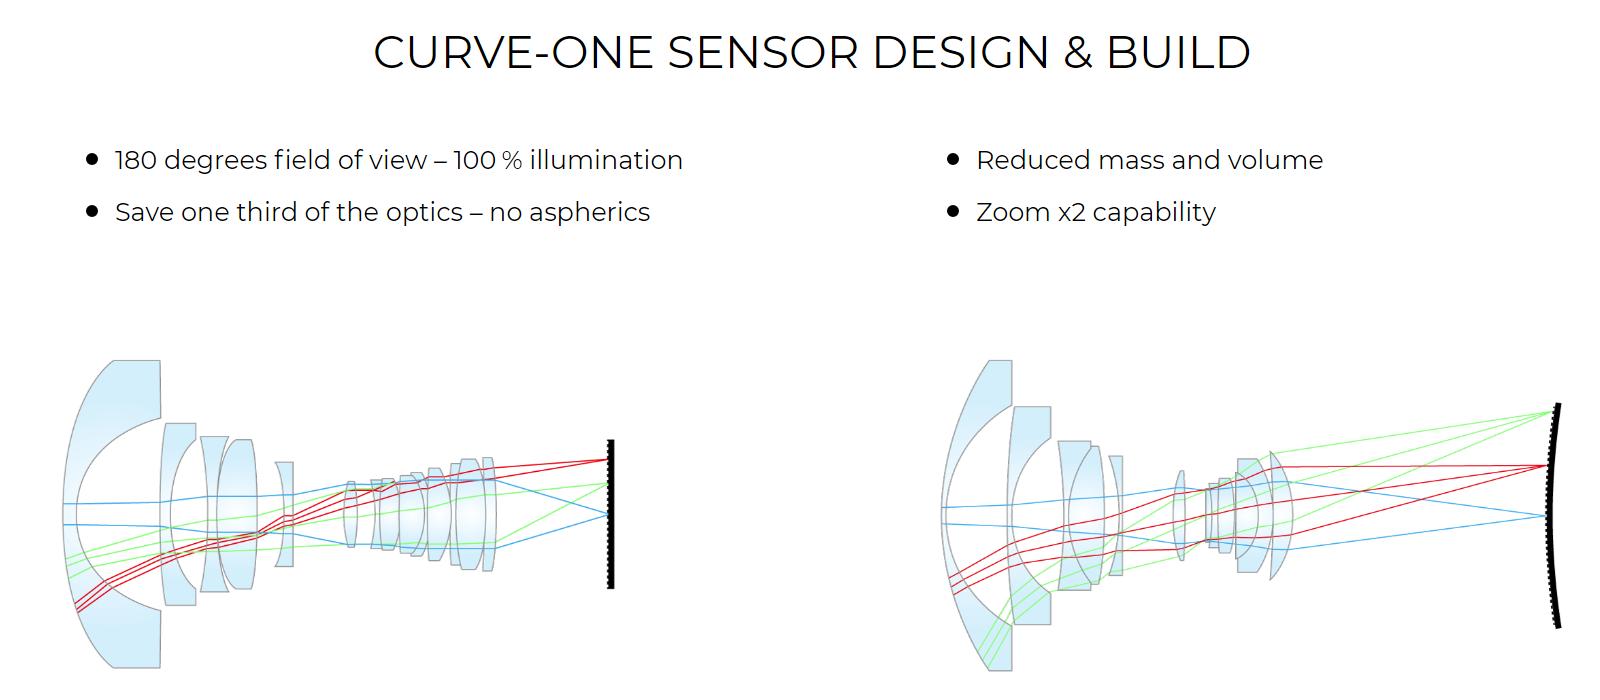 Сравнение оптической схемы для классического и изогнутого сенсора